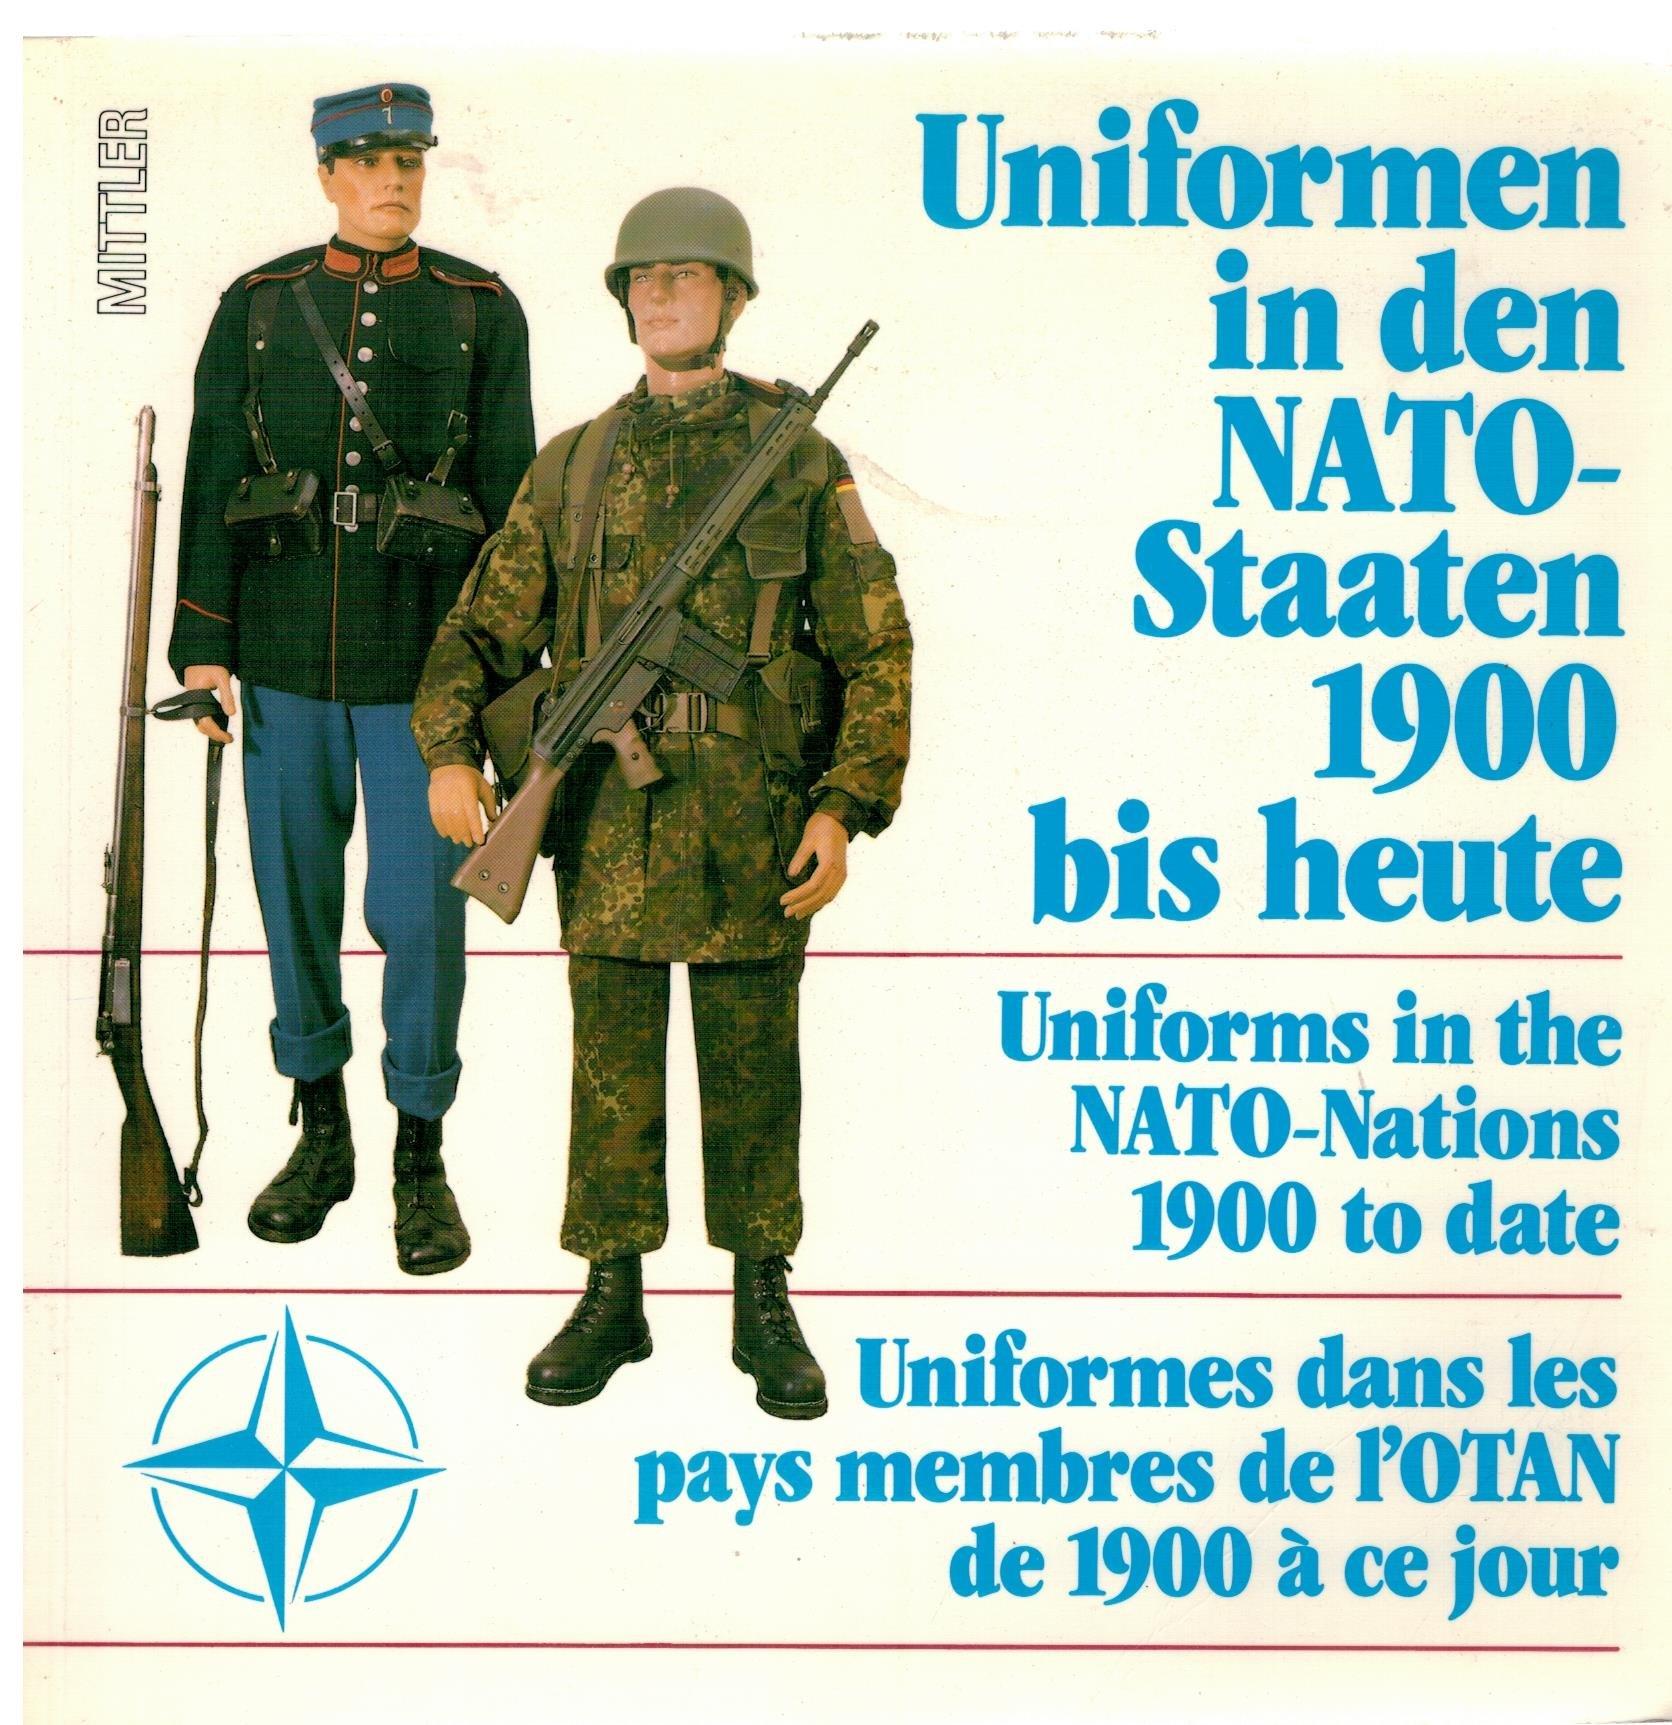 Uniformen in den NATO-Staaten 1900 bis heute: Uniforms in the NATO-Nations 1900 to date /Uniformes dans les pays membres de 1'OTAN 1900 à cejour